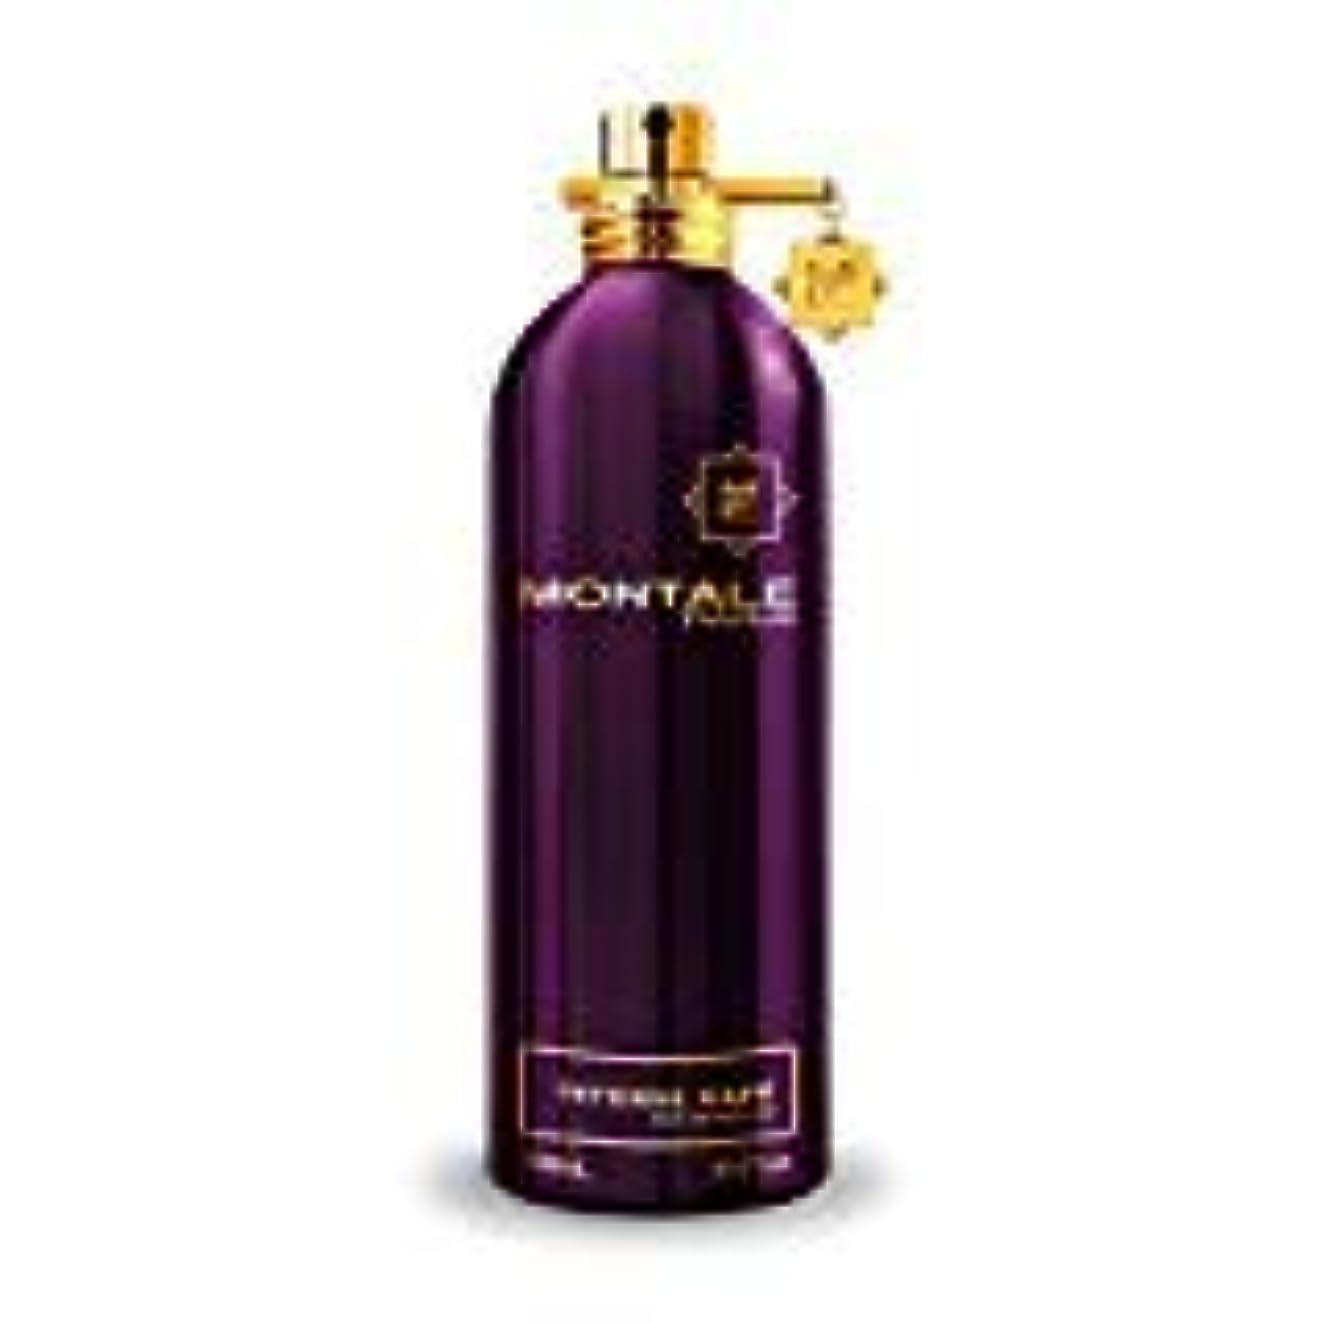 パーティー賞賛余分なMONTALE INTENSE CAFE Eau de Perfume 100ml Made in France 100% 本物モンターレ強烈なカフェ香水 100 ml フランス製 +2サンプル無料! + 30 mlスキンケア無料!